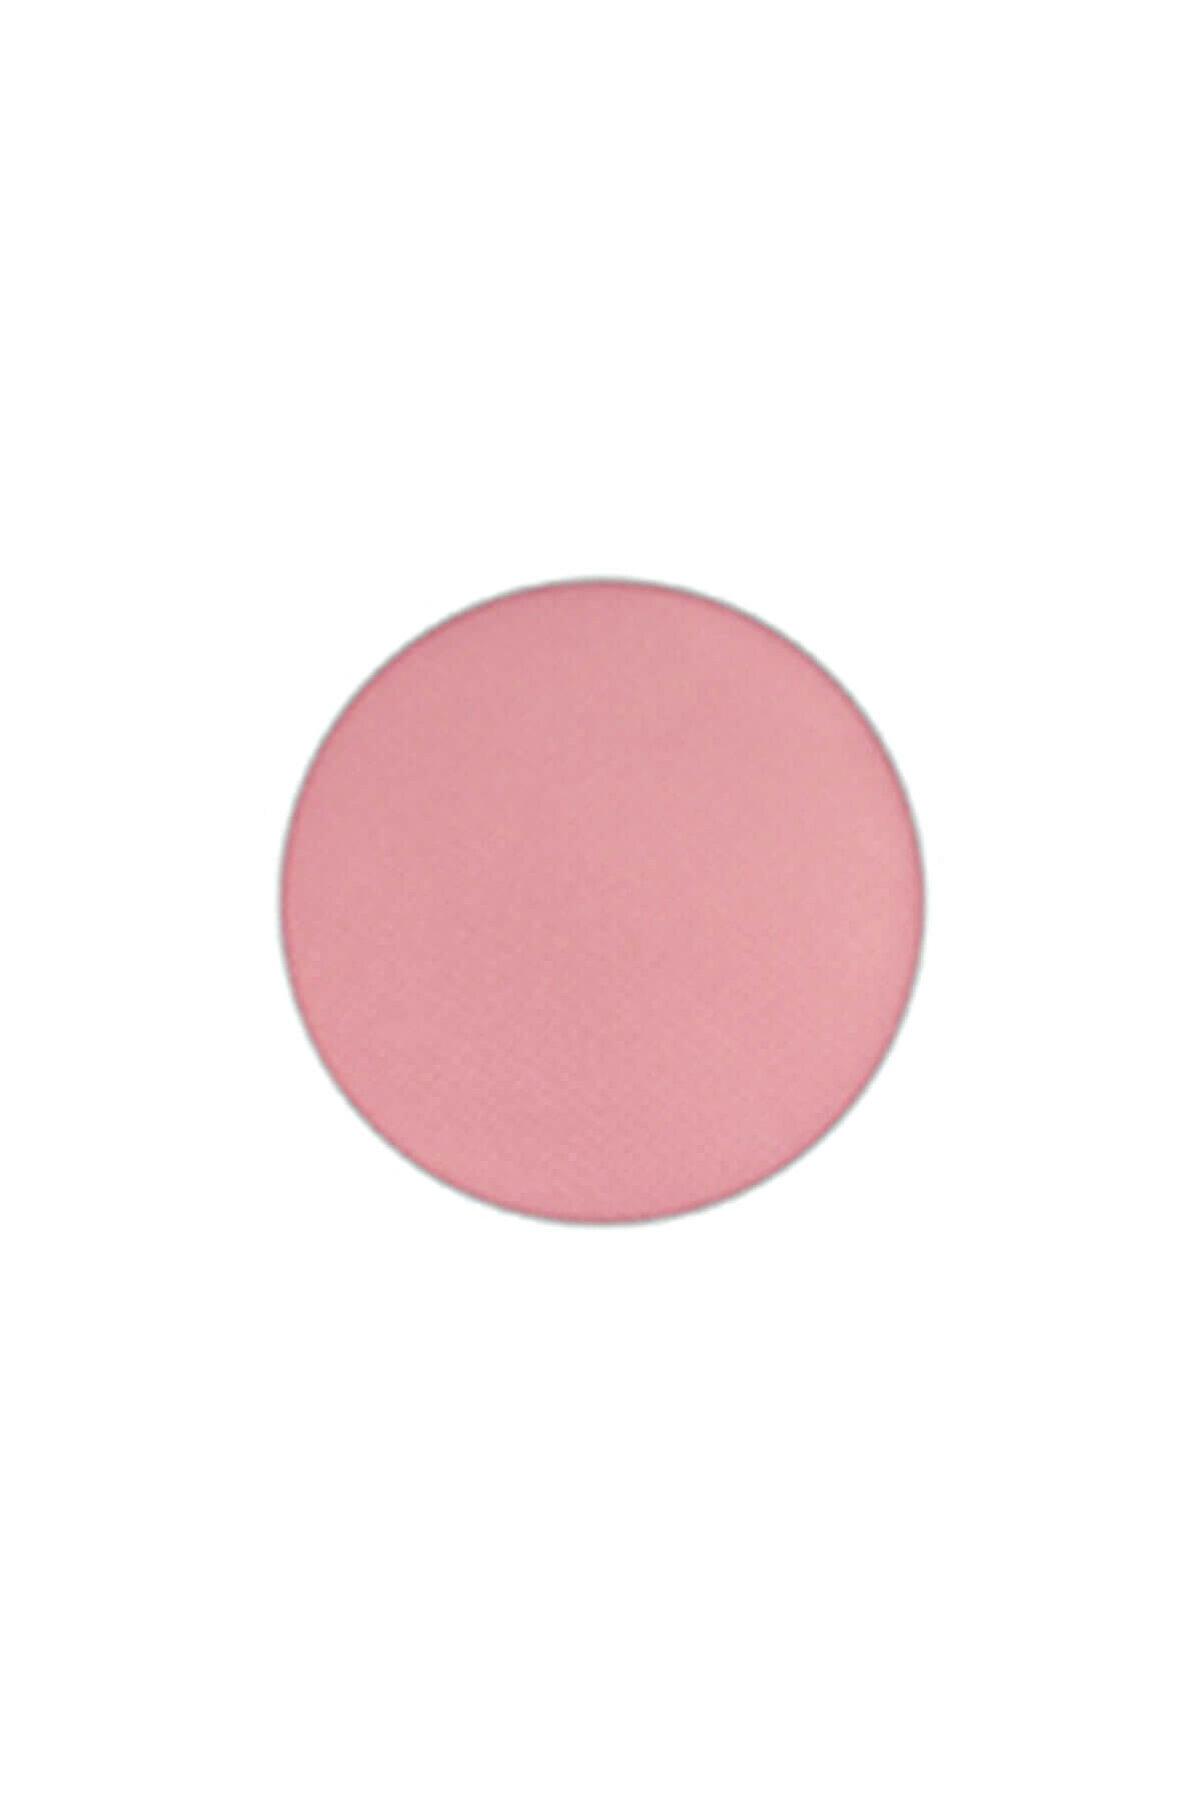 Mac Refill Allık - Powder Blush Pro Palette Refill Pan Mocha 6 g 773602042197